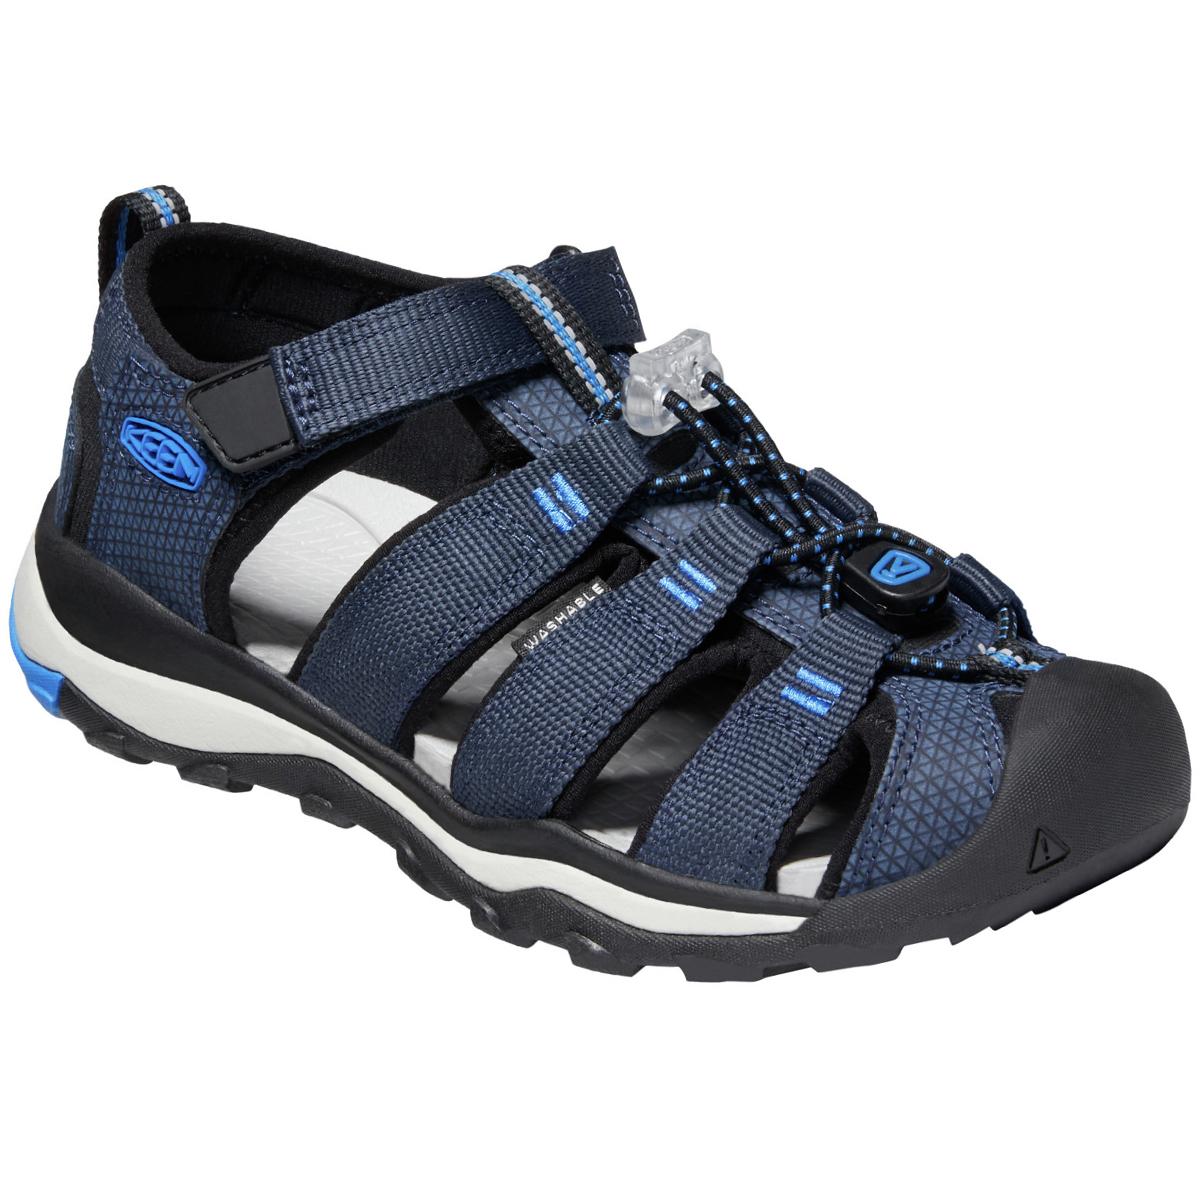 Keen Women's Kids' Newport Neo H2 Sandal - Blue, 5